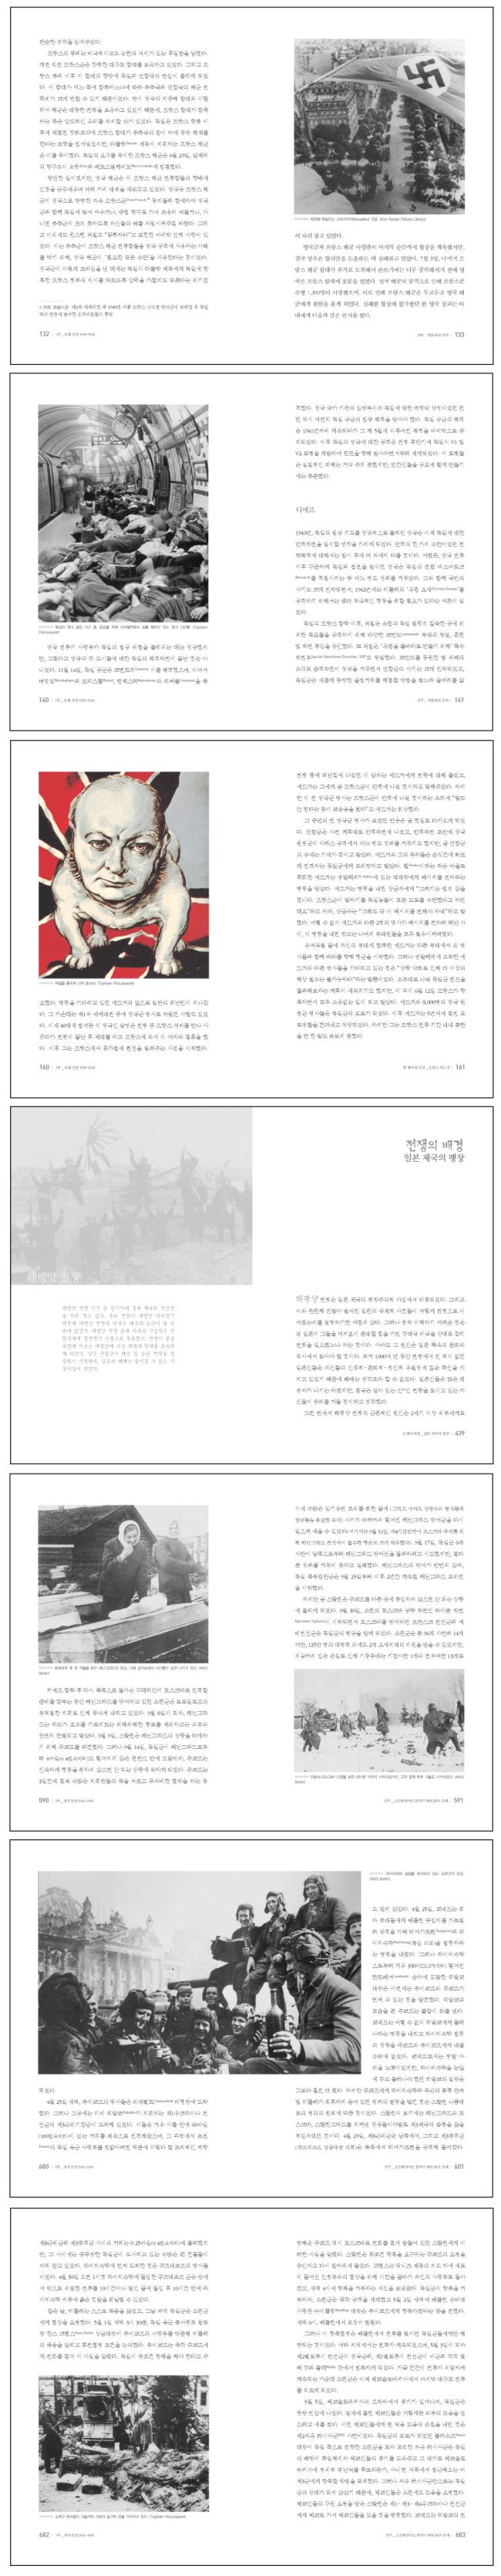 제2차 세계대전: 탐욕의 끝 사상 최악의 전쟁(KODEF 세계 전쟁사 2)(양장본 HardCover) 도서 상세이미지